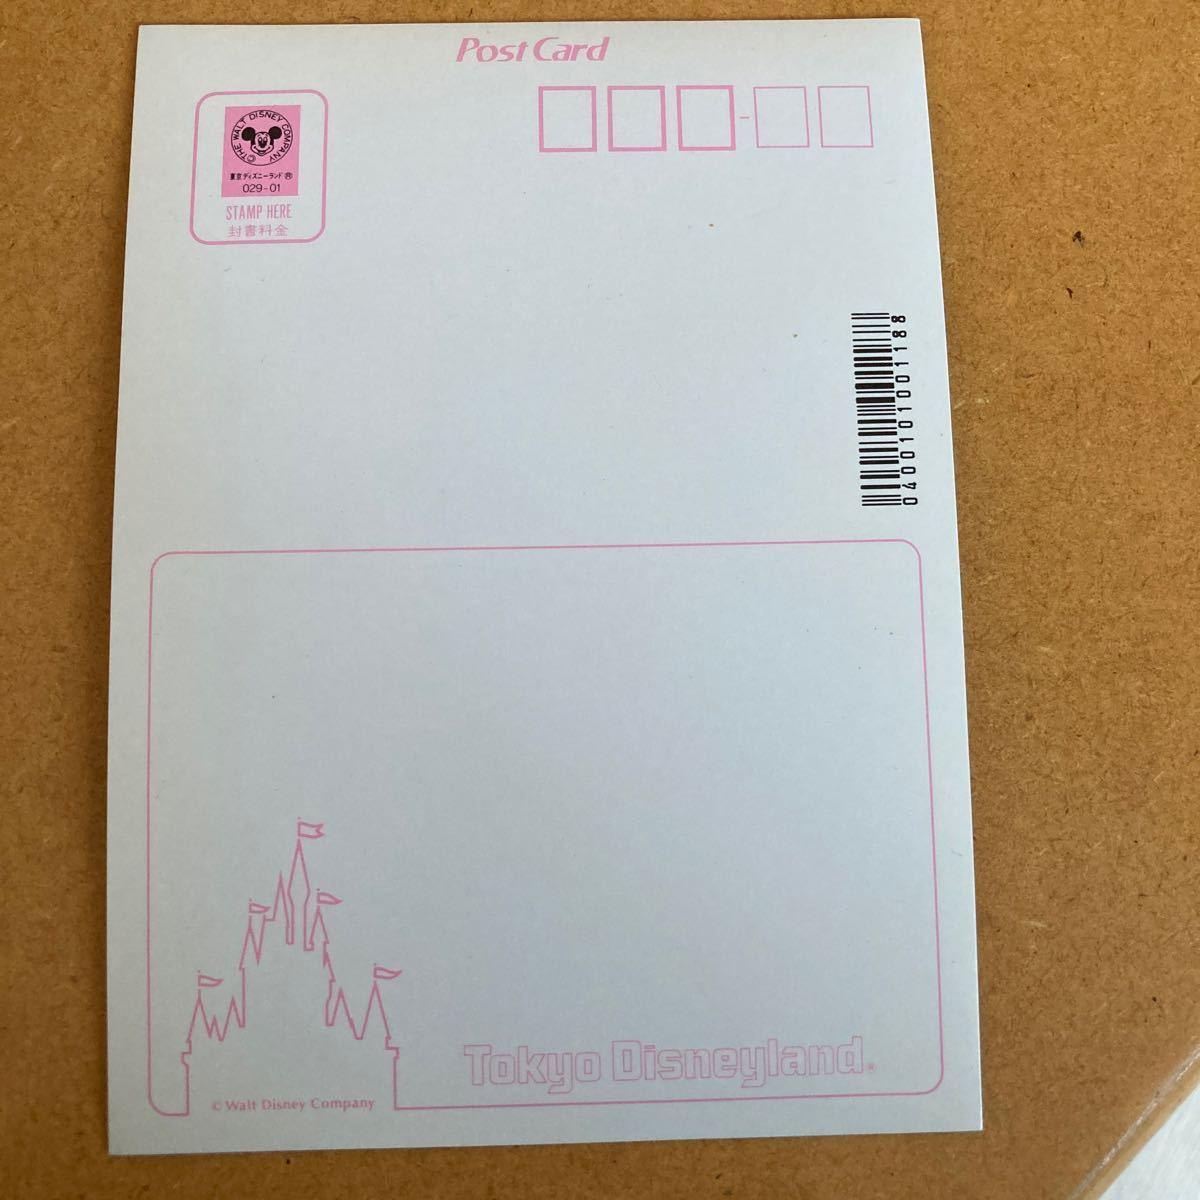 値下げ!レア!東京ディズニーランド Tokyo Disneyland 3Dポストカード 葉書、ハガキ 未使用品 ミッキー&ミニー 送料120円_画像4